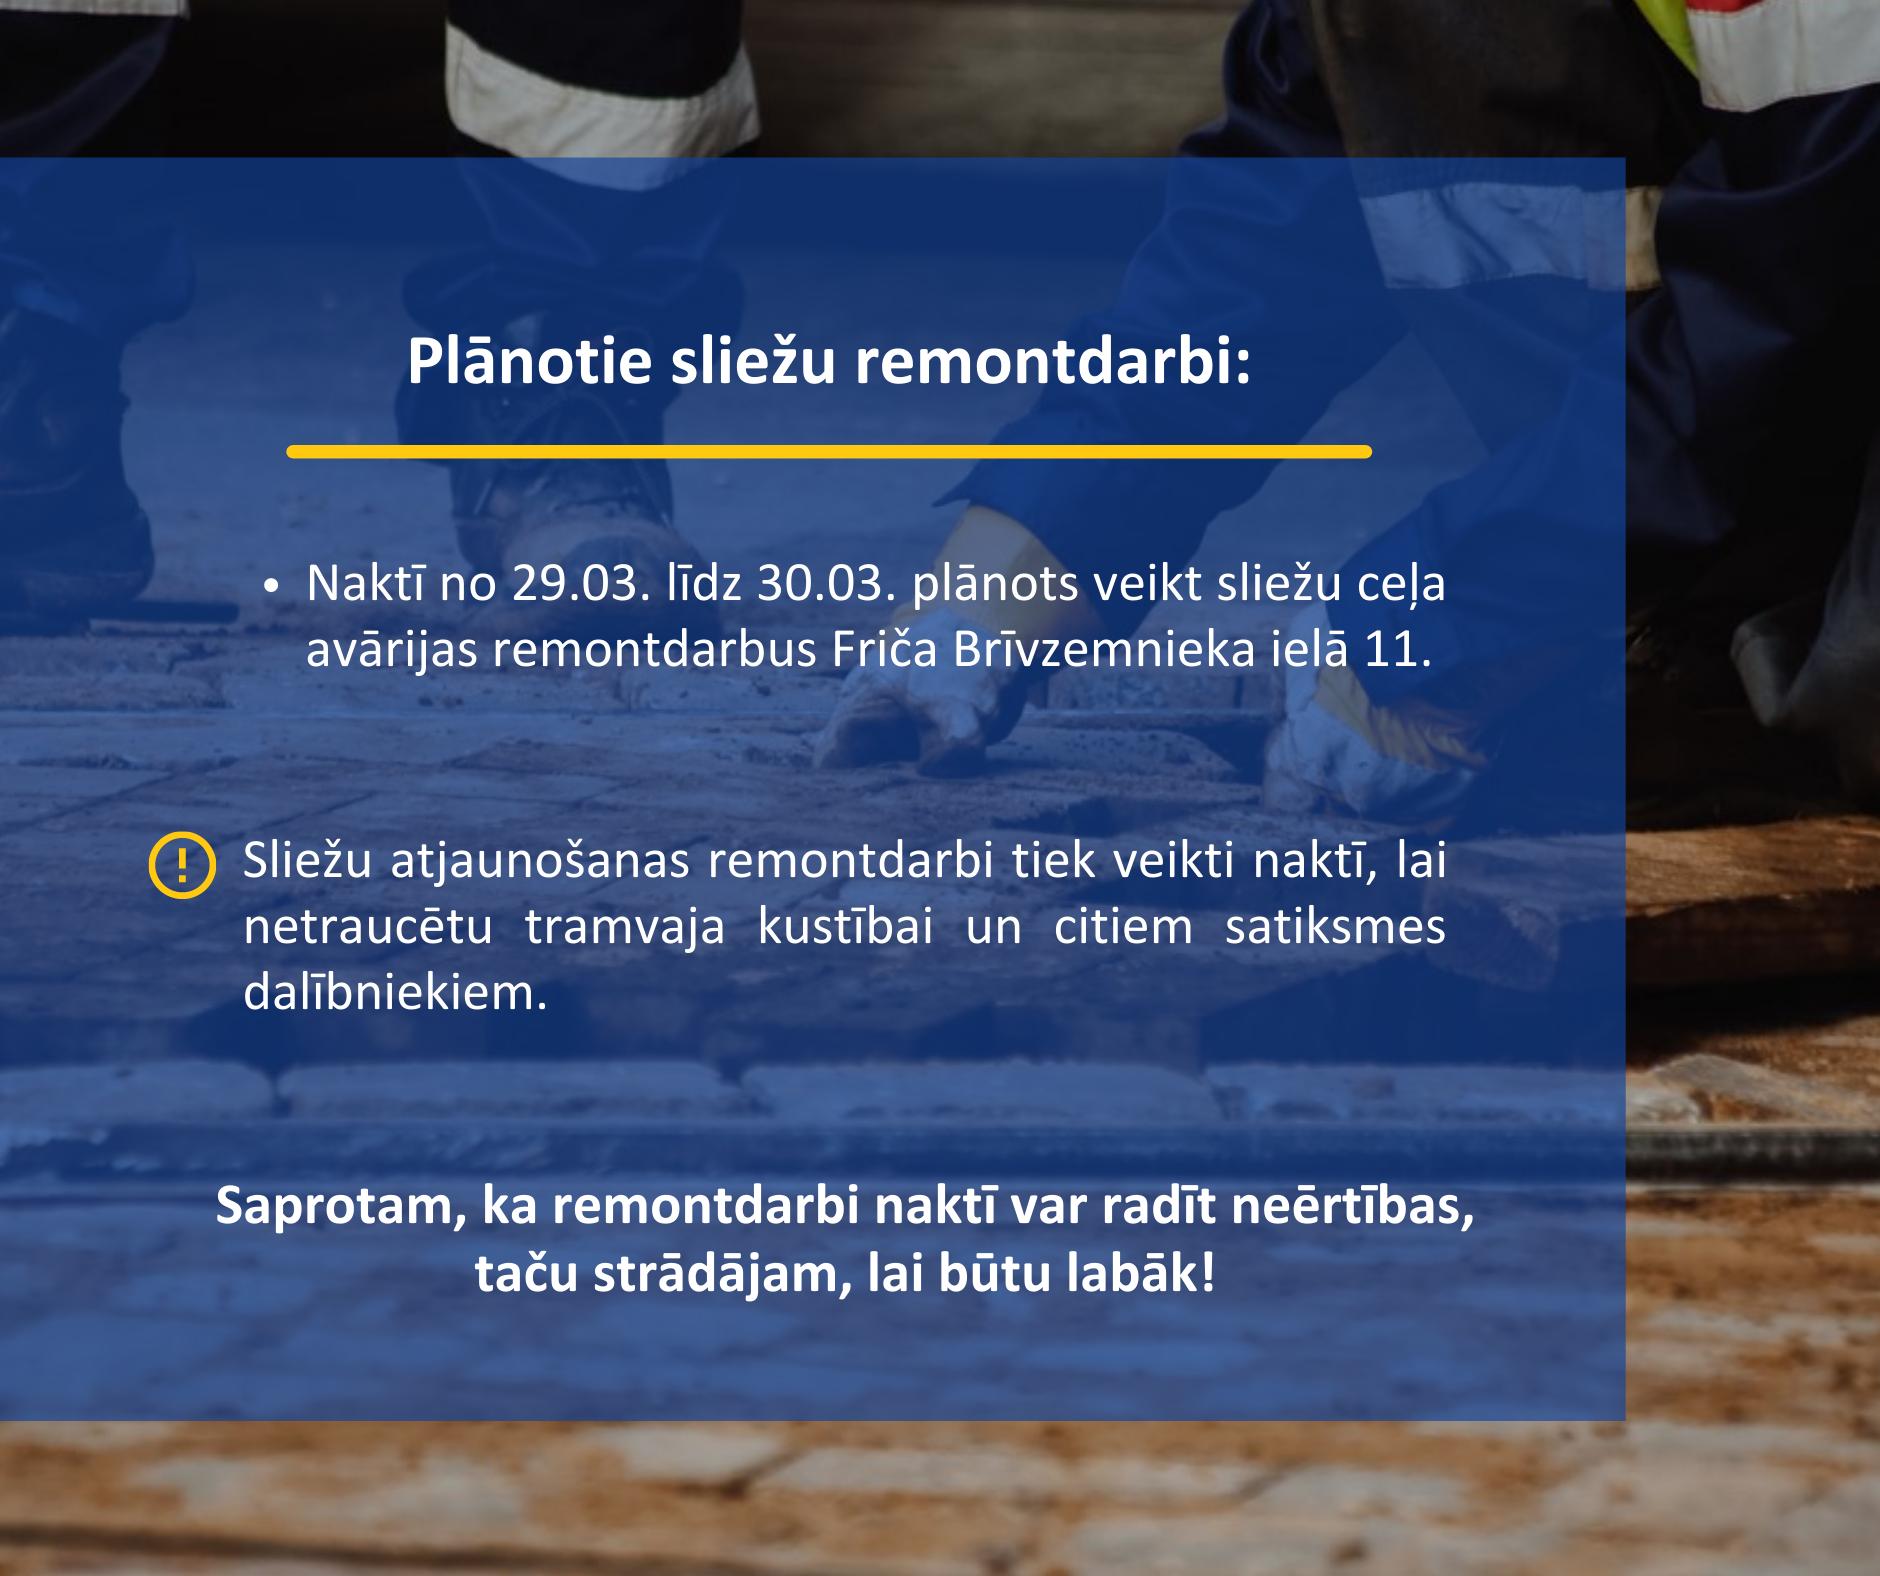 Plānotie sliežu remontdarbi.png